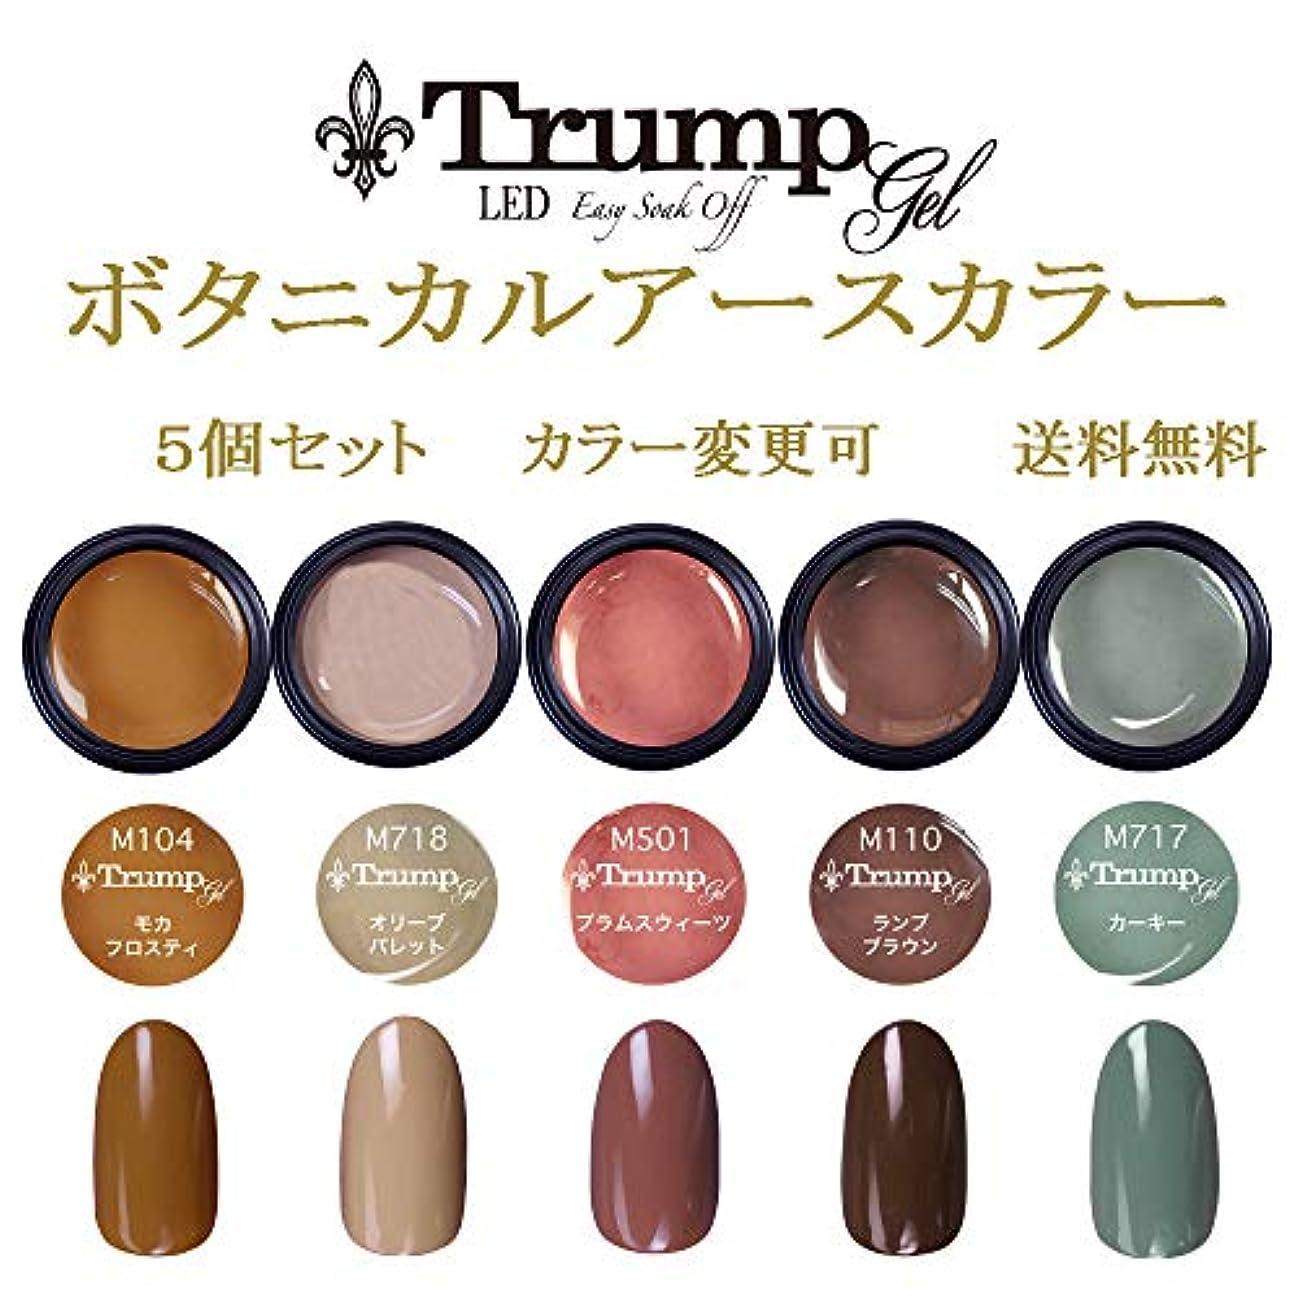 アクセシブルタブレット費用【送料無料】日本製 Trump gel ボタニカルアースカラージェル5個セット 人気のボタニカルカラーをセット